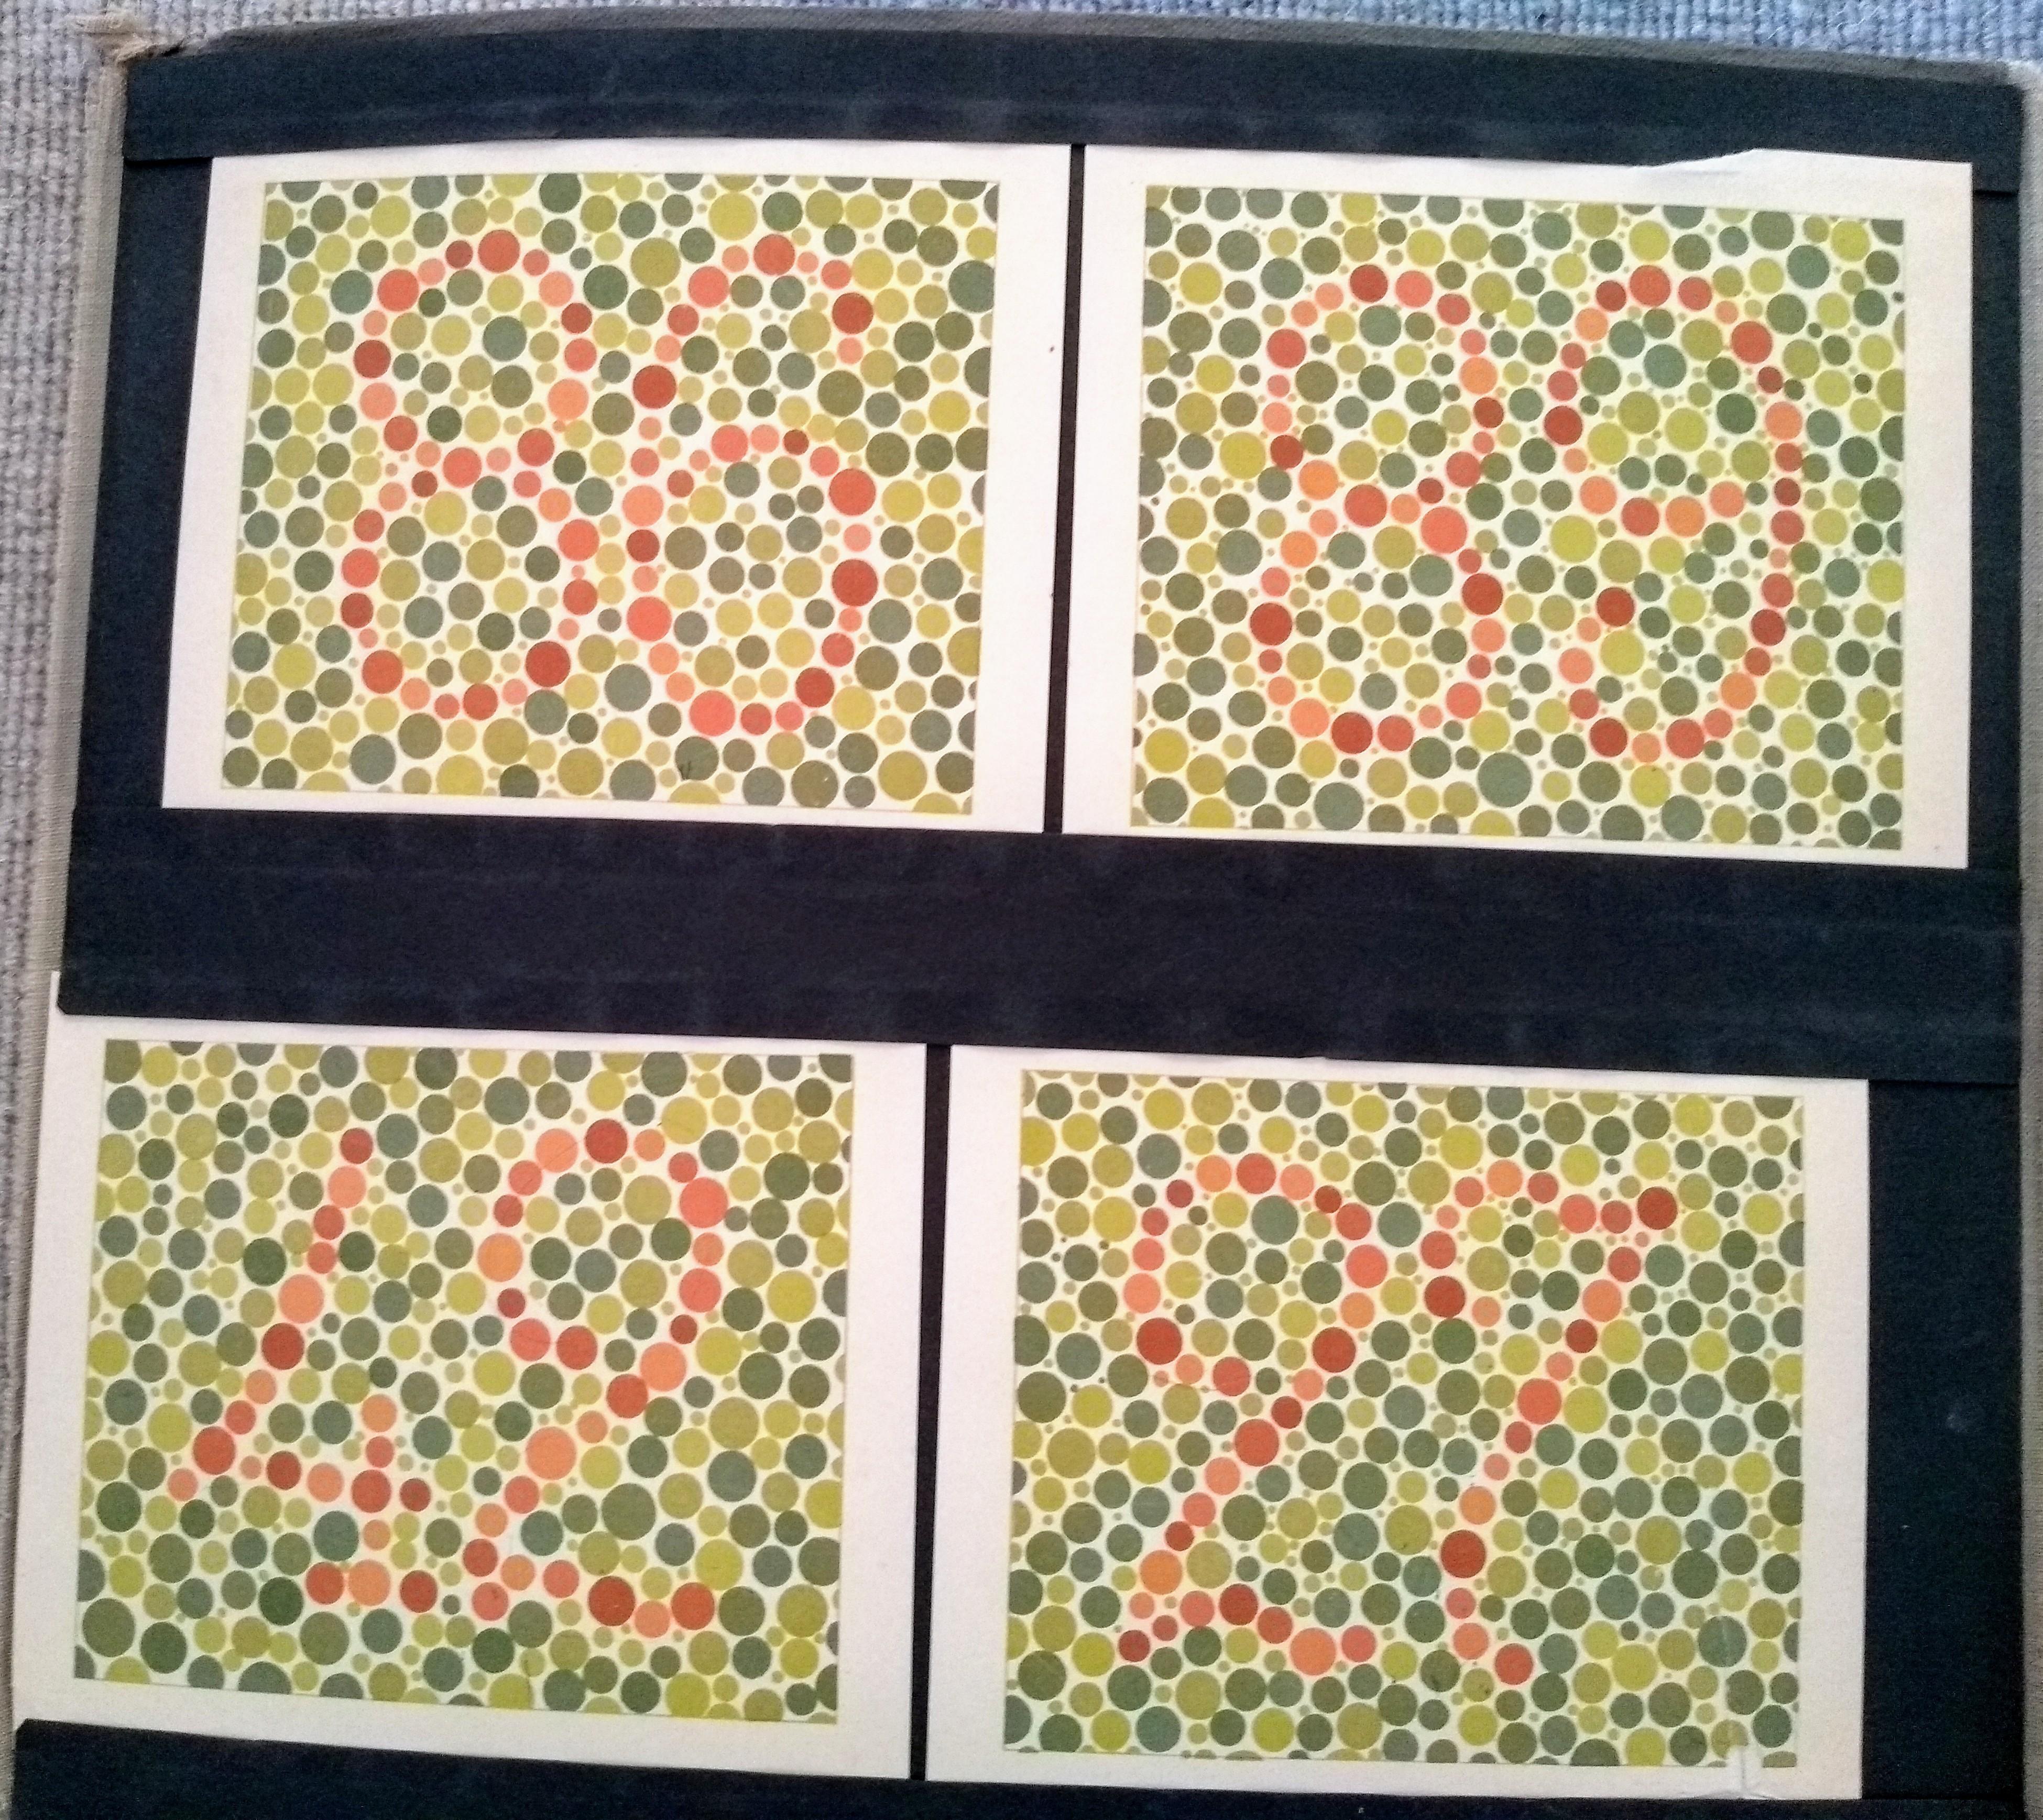 Sehtafel aus Stillings Tafeln zur Prüfung des Farbsinnes